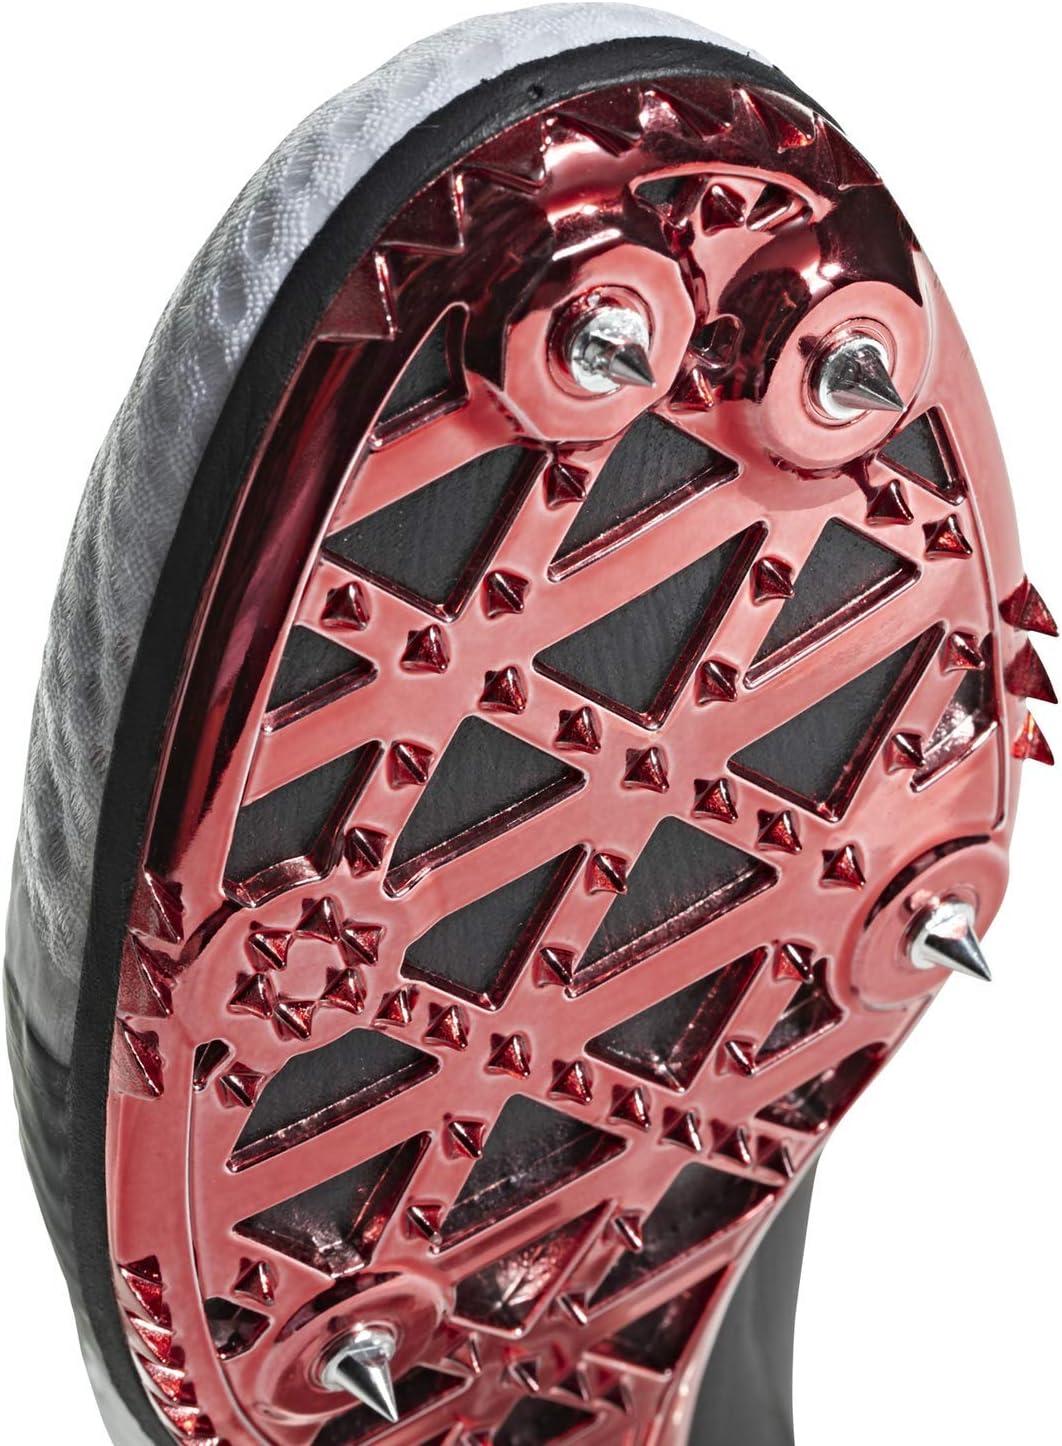 Amazon.com: adidas Adizero Ambition 4 - Zapatillas de pista ...